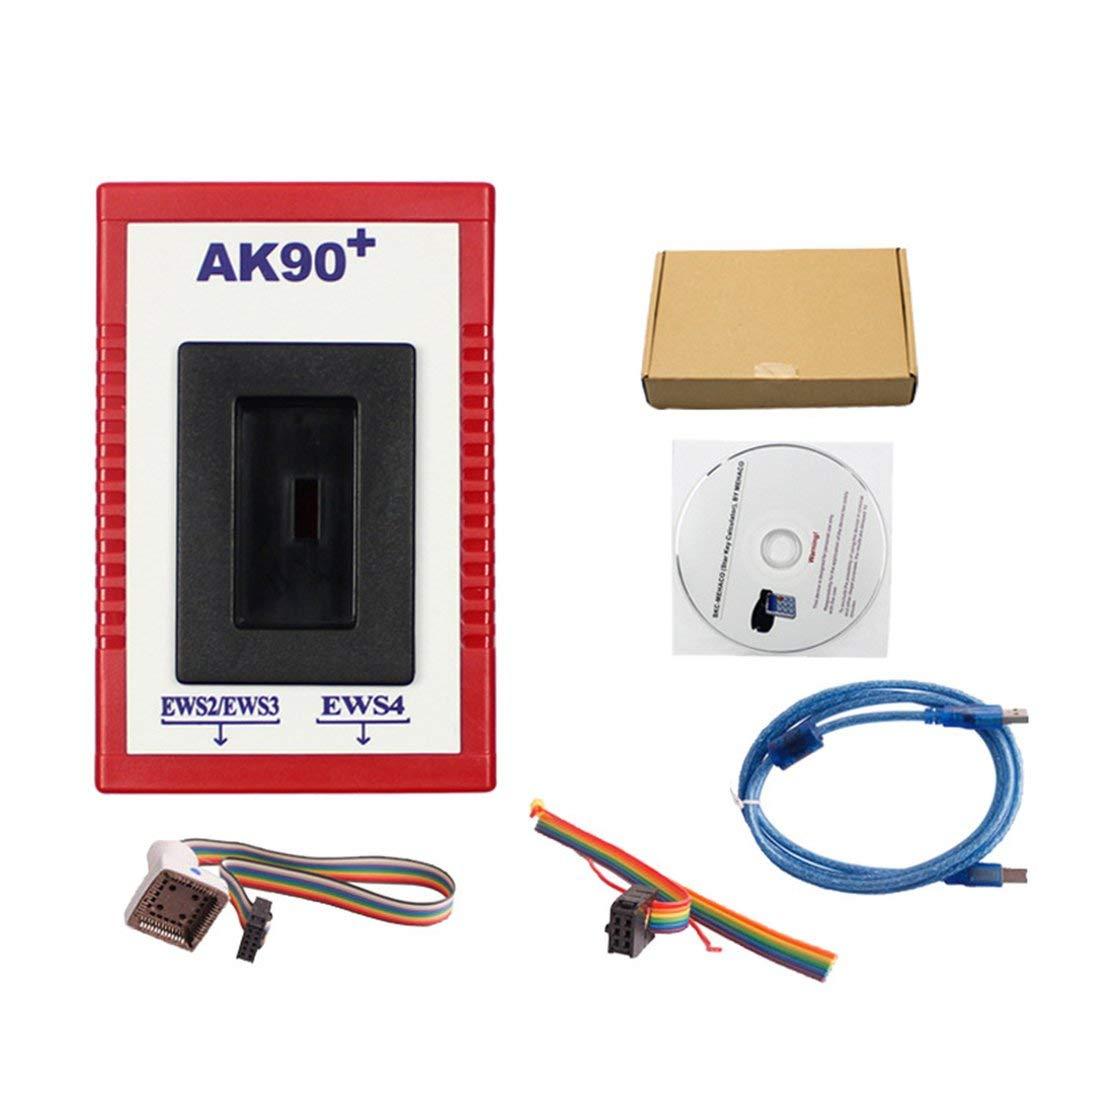 Profesional AK90 Auto Car Key Programmer para BMW EWS AK90 clave con clave AK90 de cable Kit de programación Llaves de identificación - Rojo 0d2b93